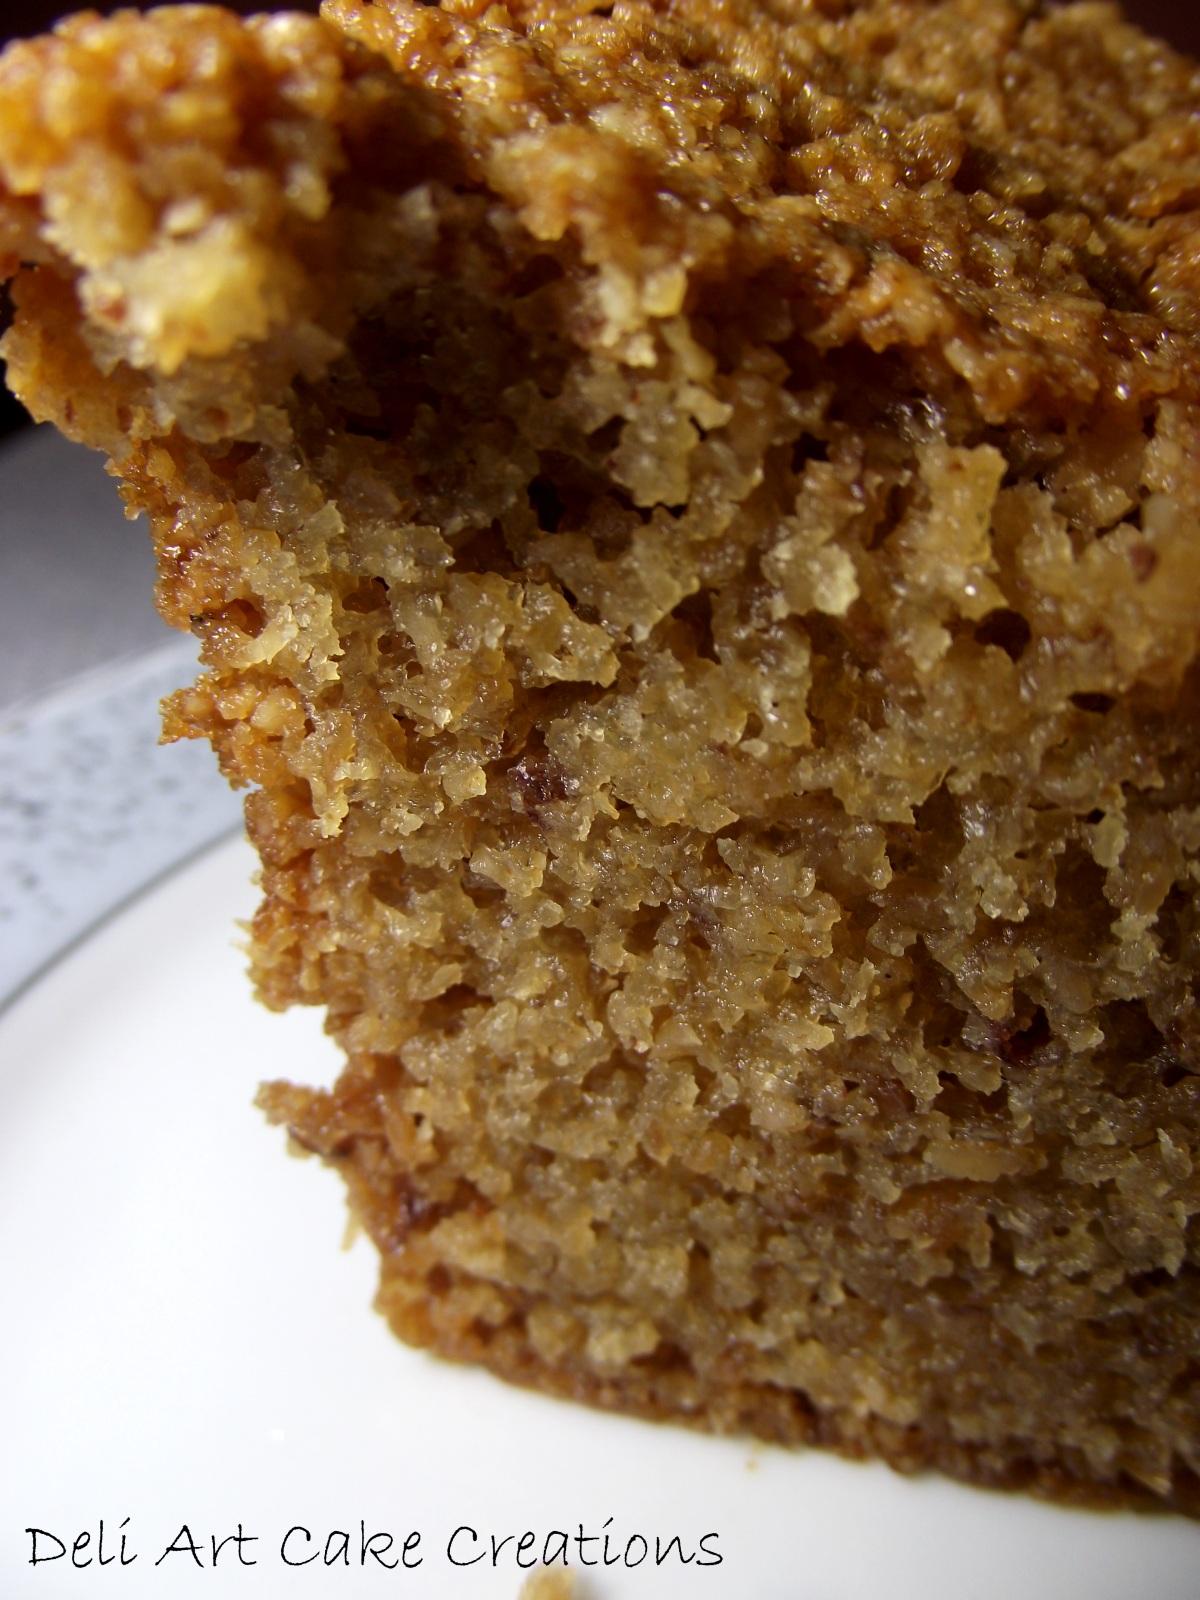 Blog Deli Art Cake Creations : Receita de Bolo de Amendoim bem ?mido Deli Art Cake ...